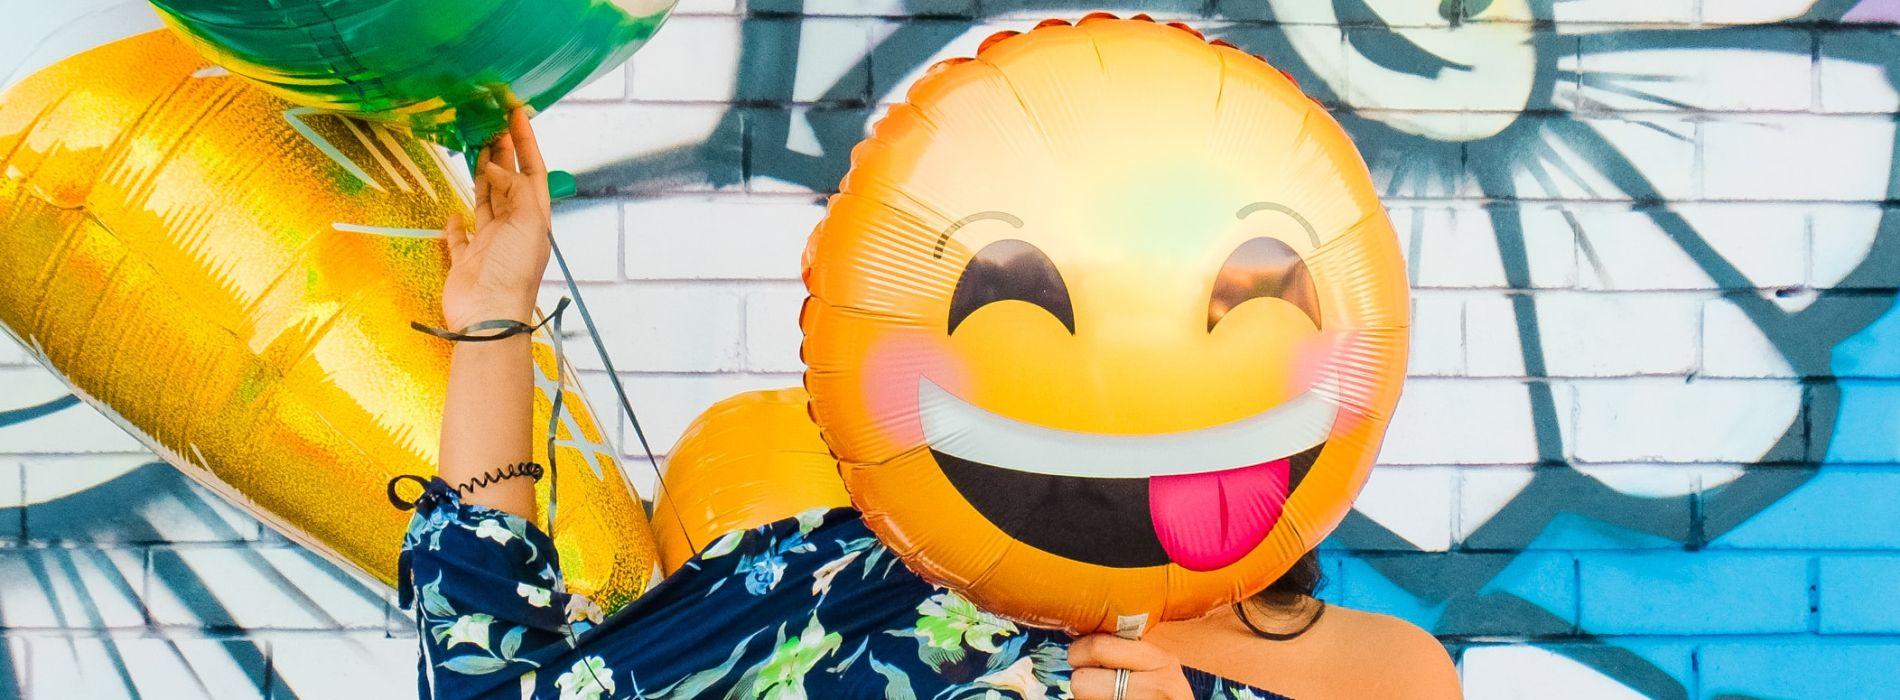 Emoji-Kundenzufriedenheit HEADER